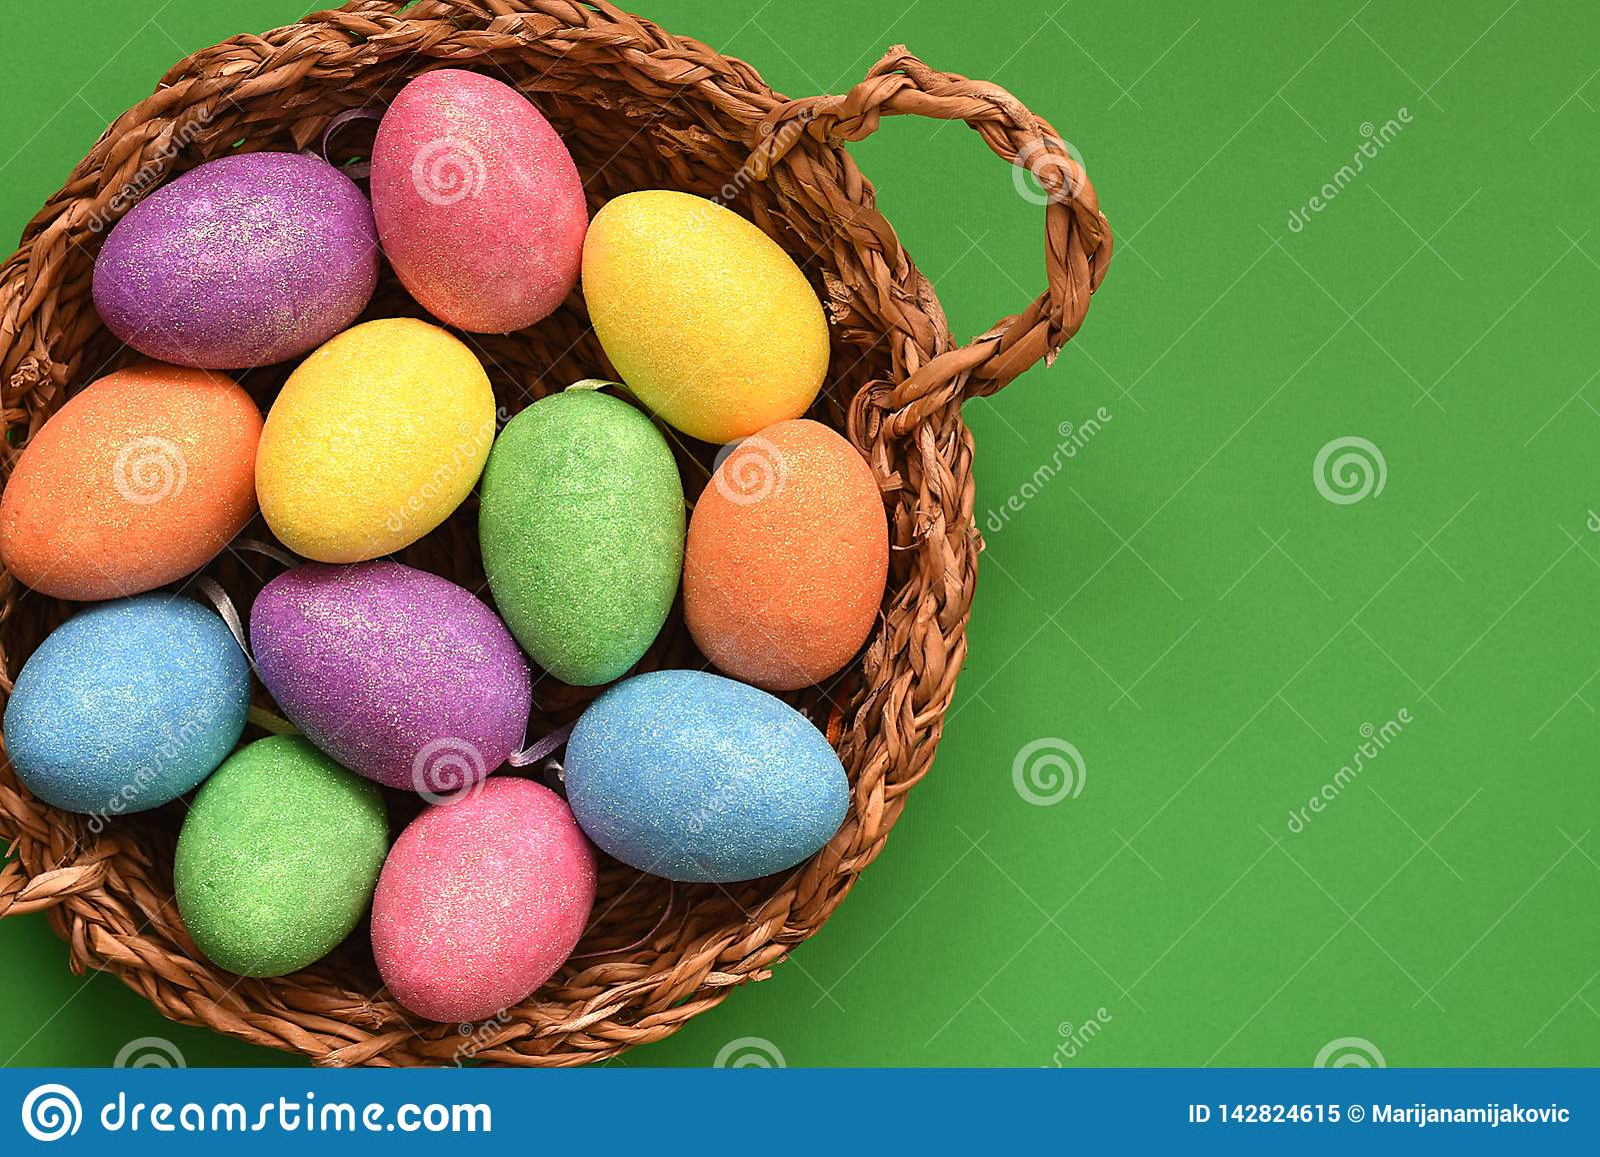 Huevos de Pascua coloreados chispeantes del caramelo que brillan en una cesta de mimbre, visión superior, fondo verde